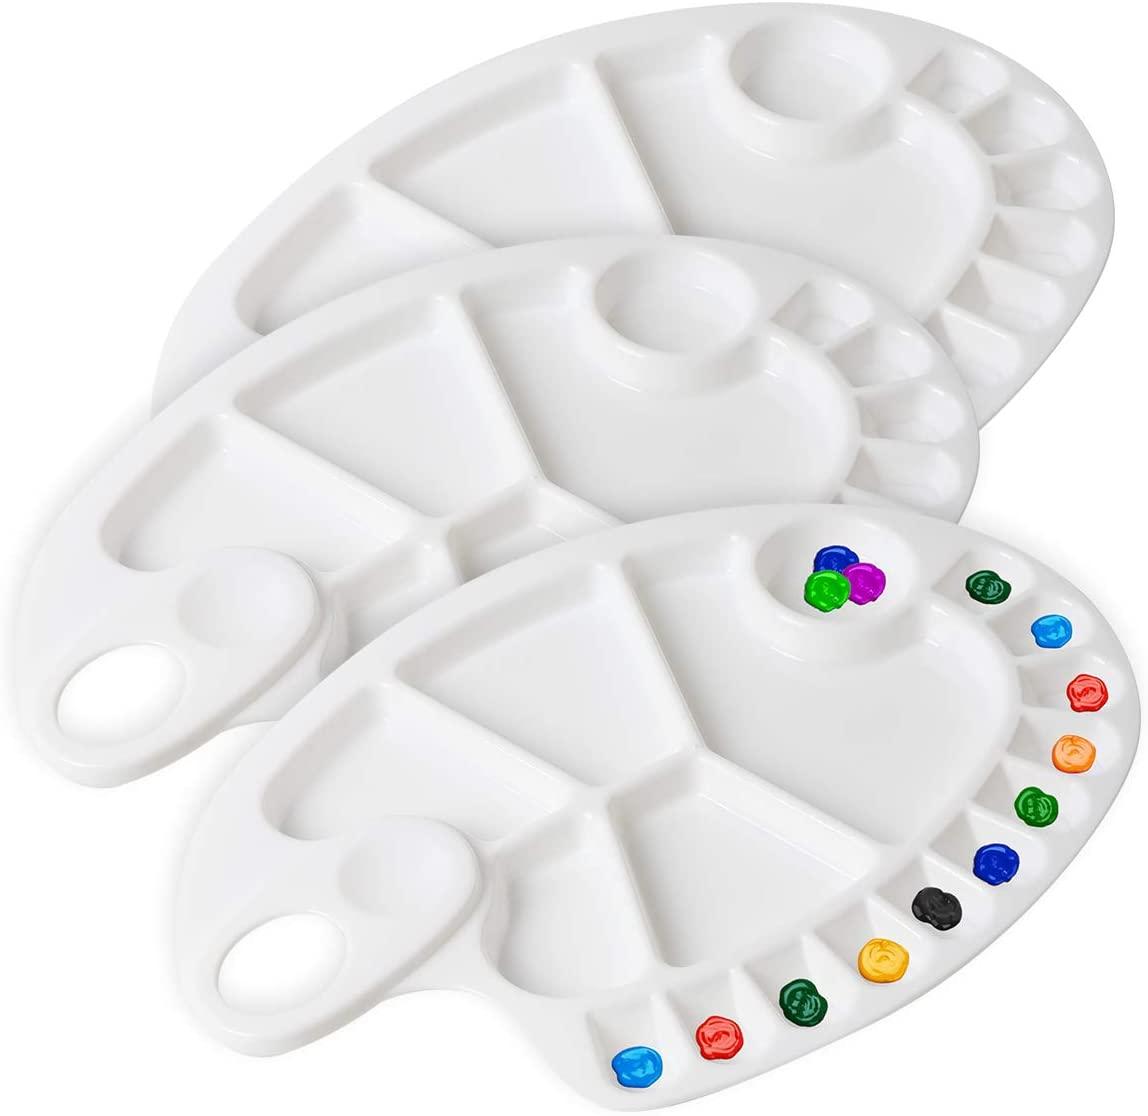 DerBlue 3Pcs Plastic Paint Tray Palettes - Acrylic Paint Palette Watercolor Mixing Palette for Artist Painting